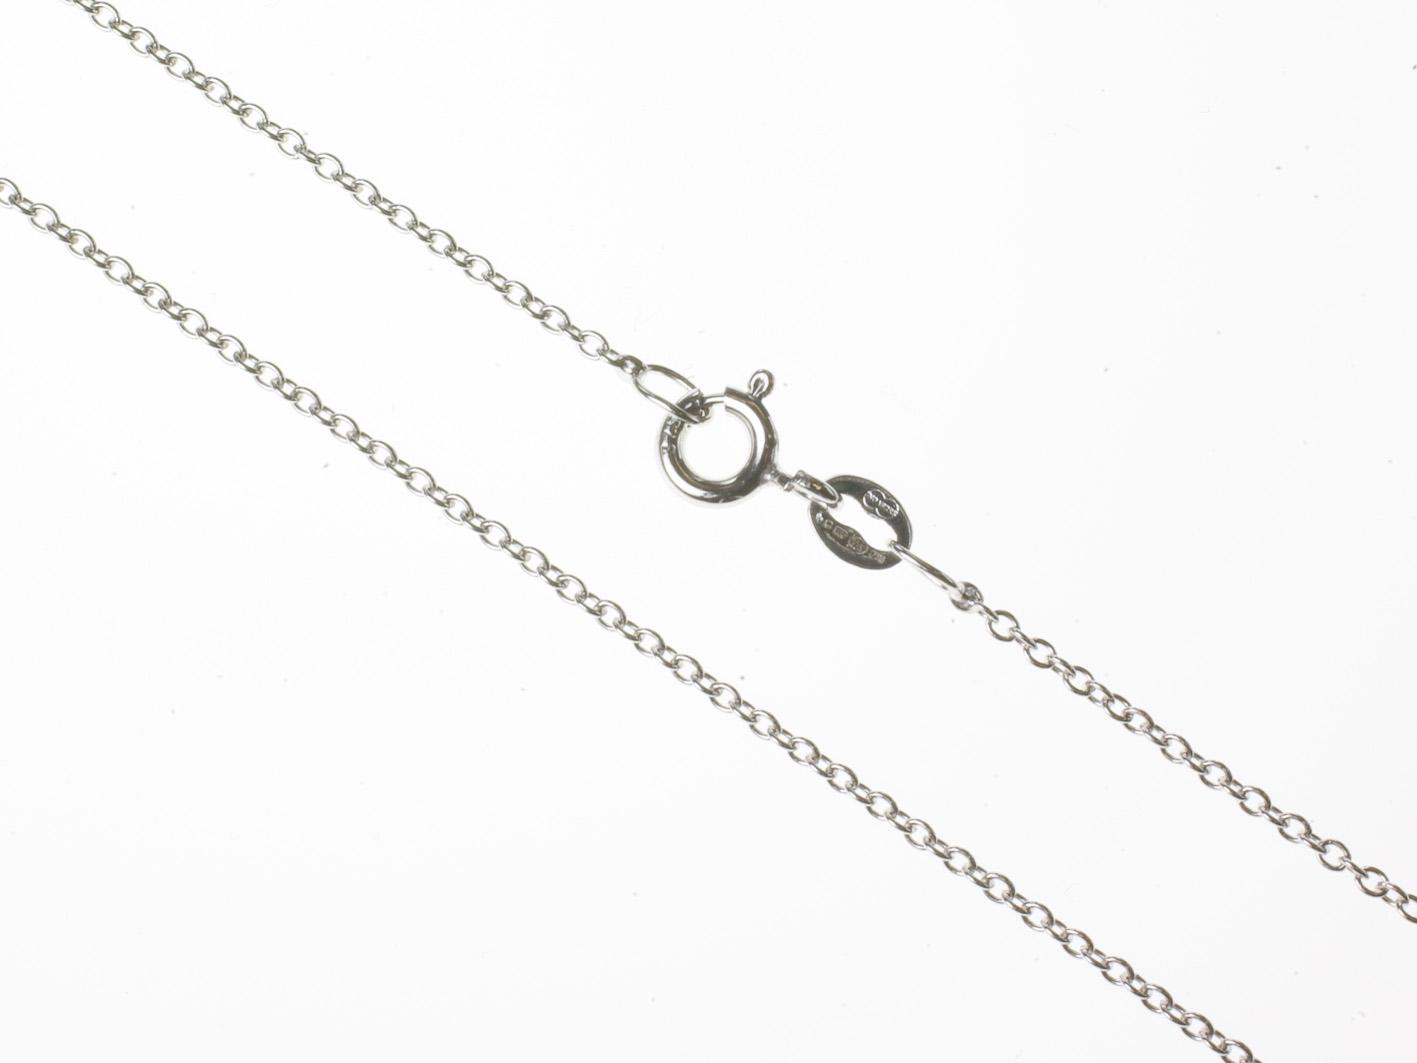 20-fine-silver-chain-2017-p